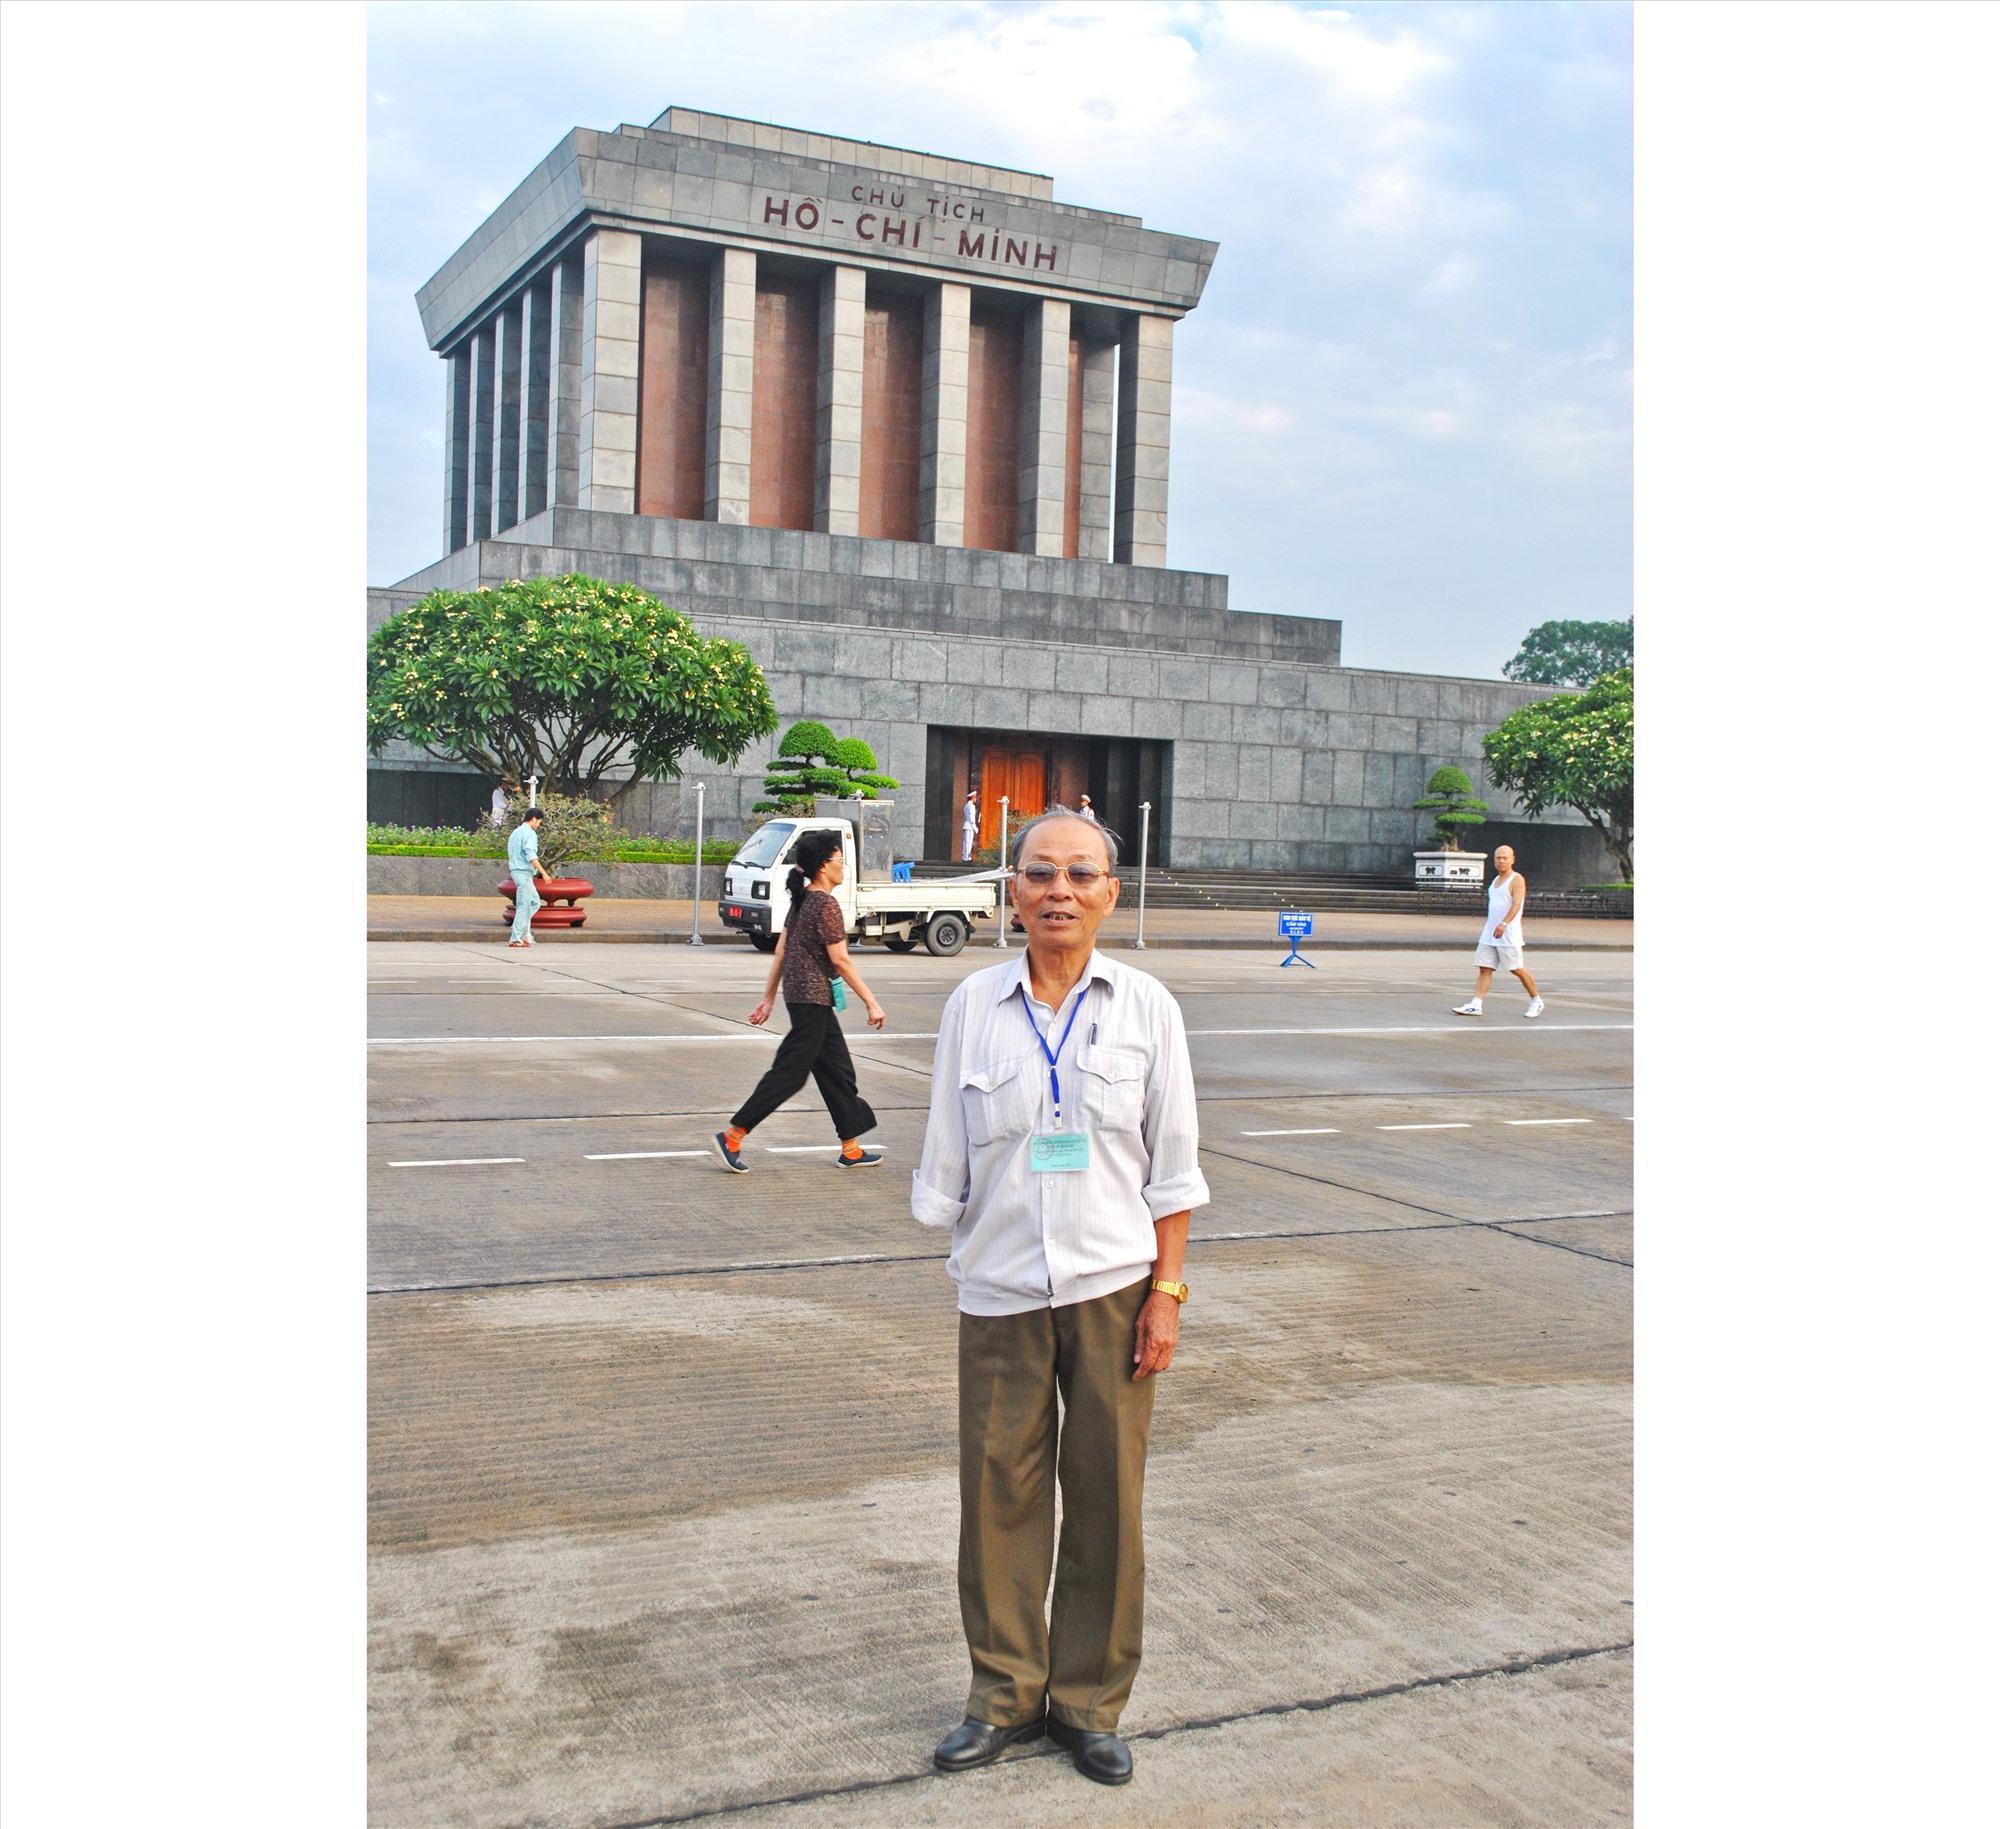 Ông Bình trong một lần ra thăm Hà Nội, vào lăng viếng Chủ tịch Hồ Chí Minh. Ảnh: NGUYỄN ĐIỆN NGỌC